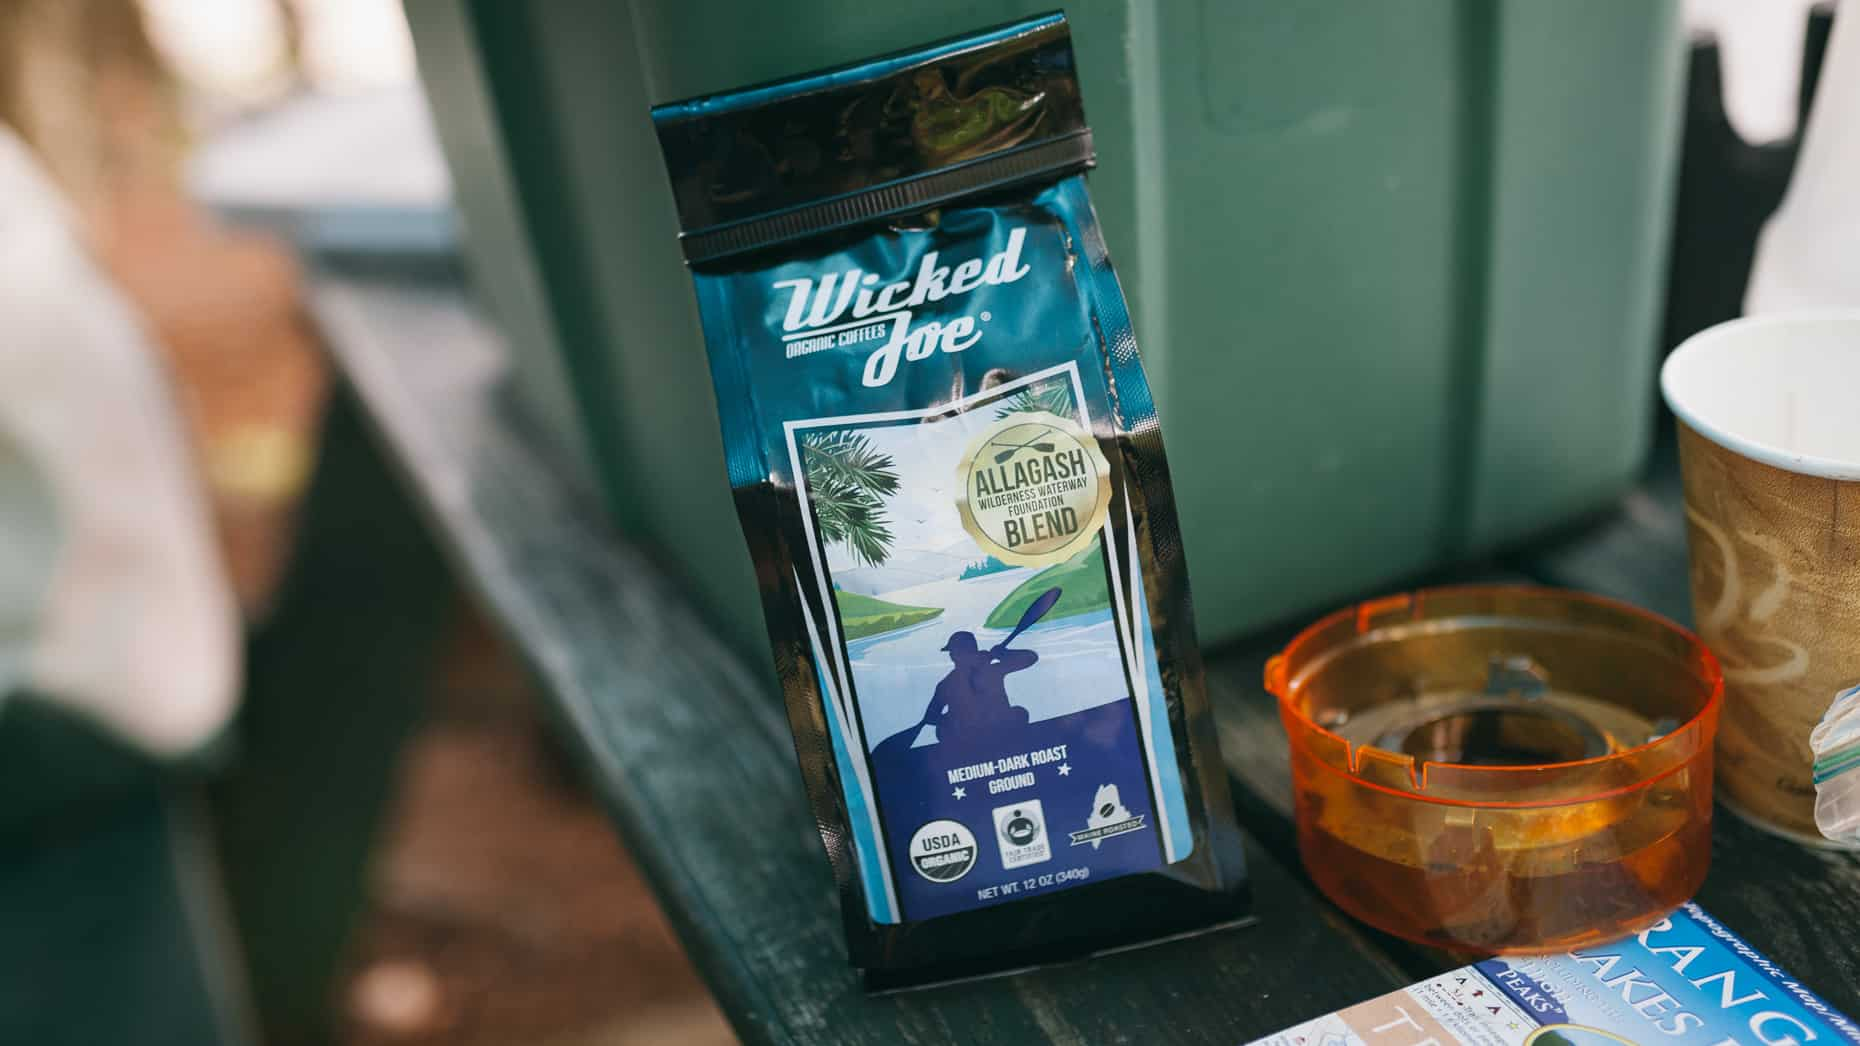 Wicked Joe coffee, Allagash Blend